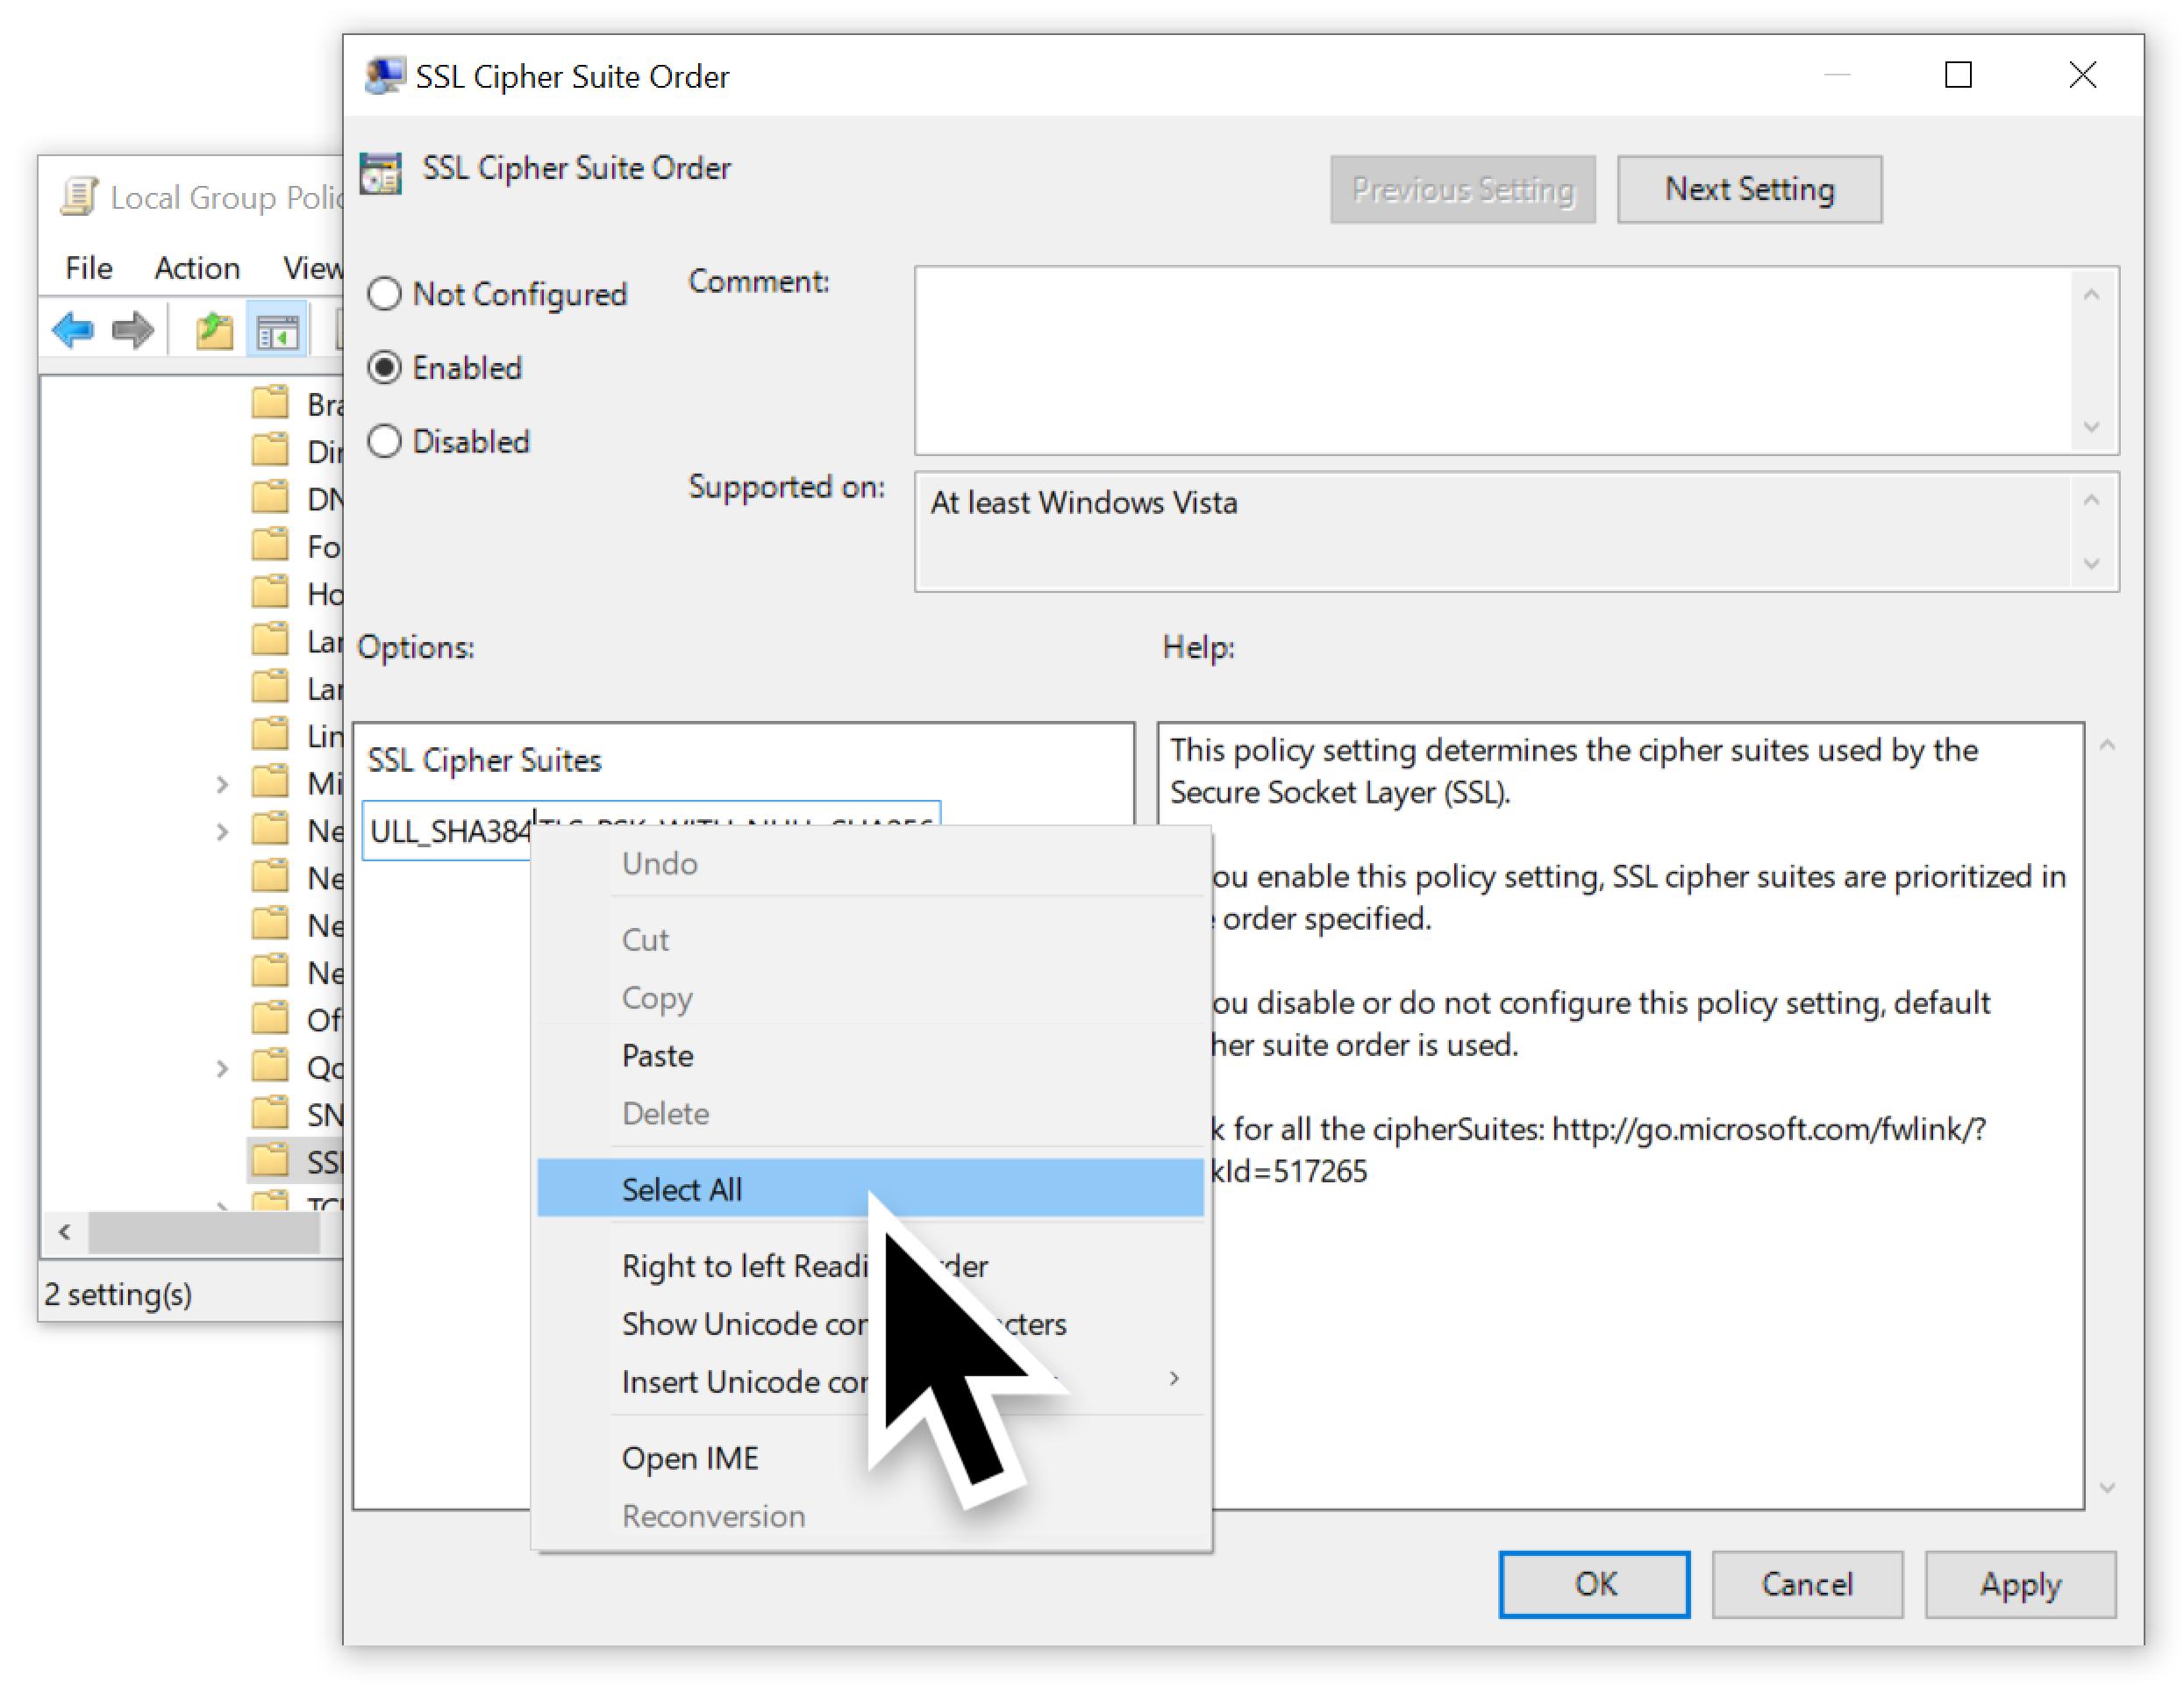 このスクリーンショットで示すとおり、次の手順で暗号リスト全体を選択している。